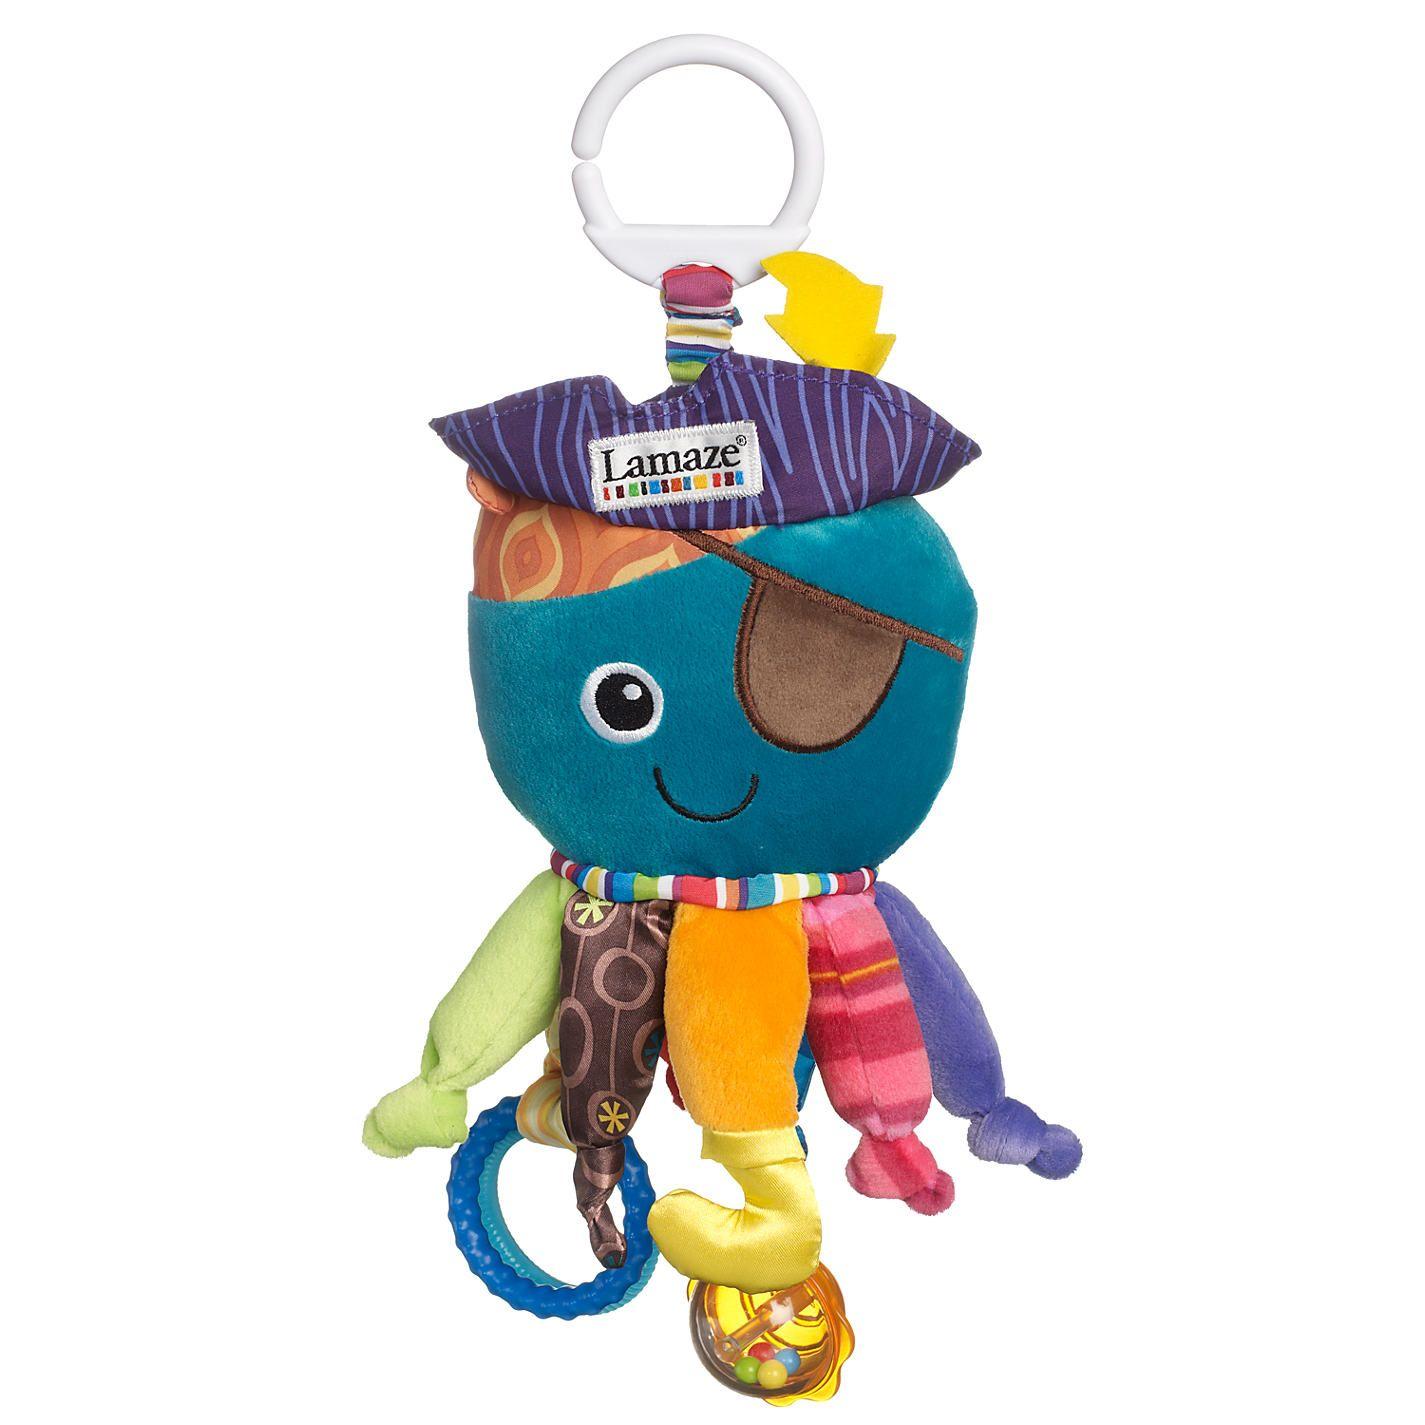 Jouet pour bébé sensoriel Calamari capitaine Lamaze Play & Grow approprié